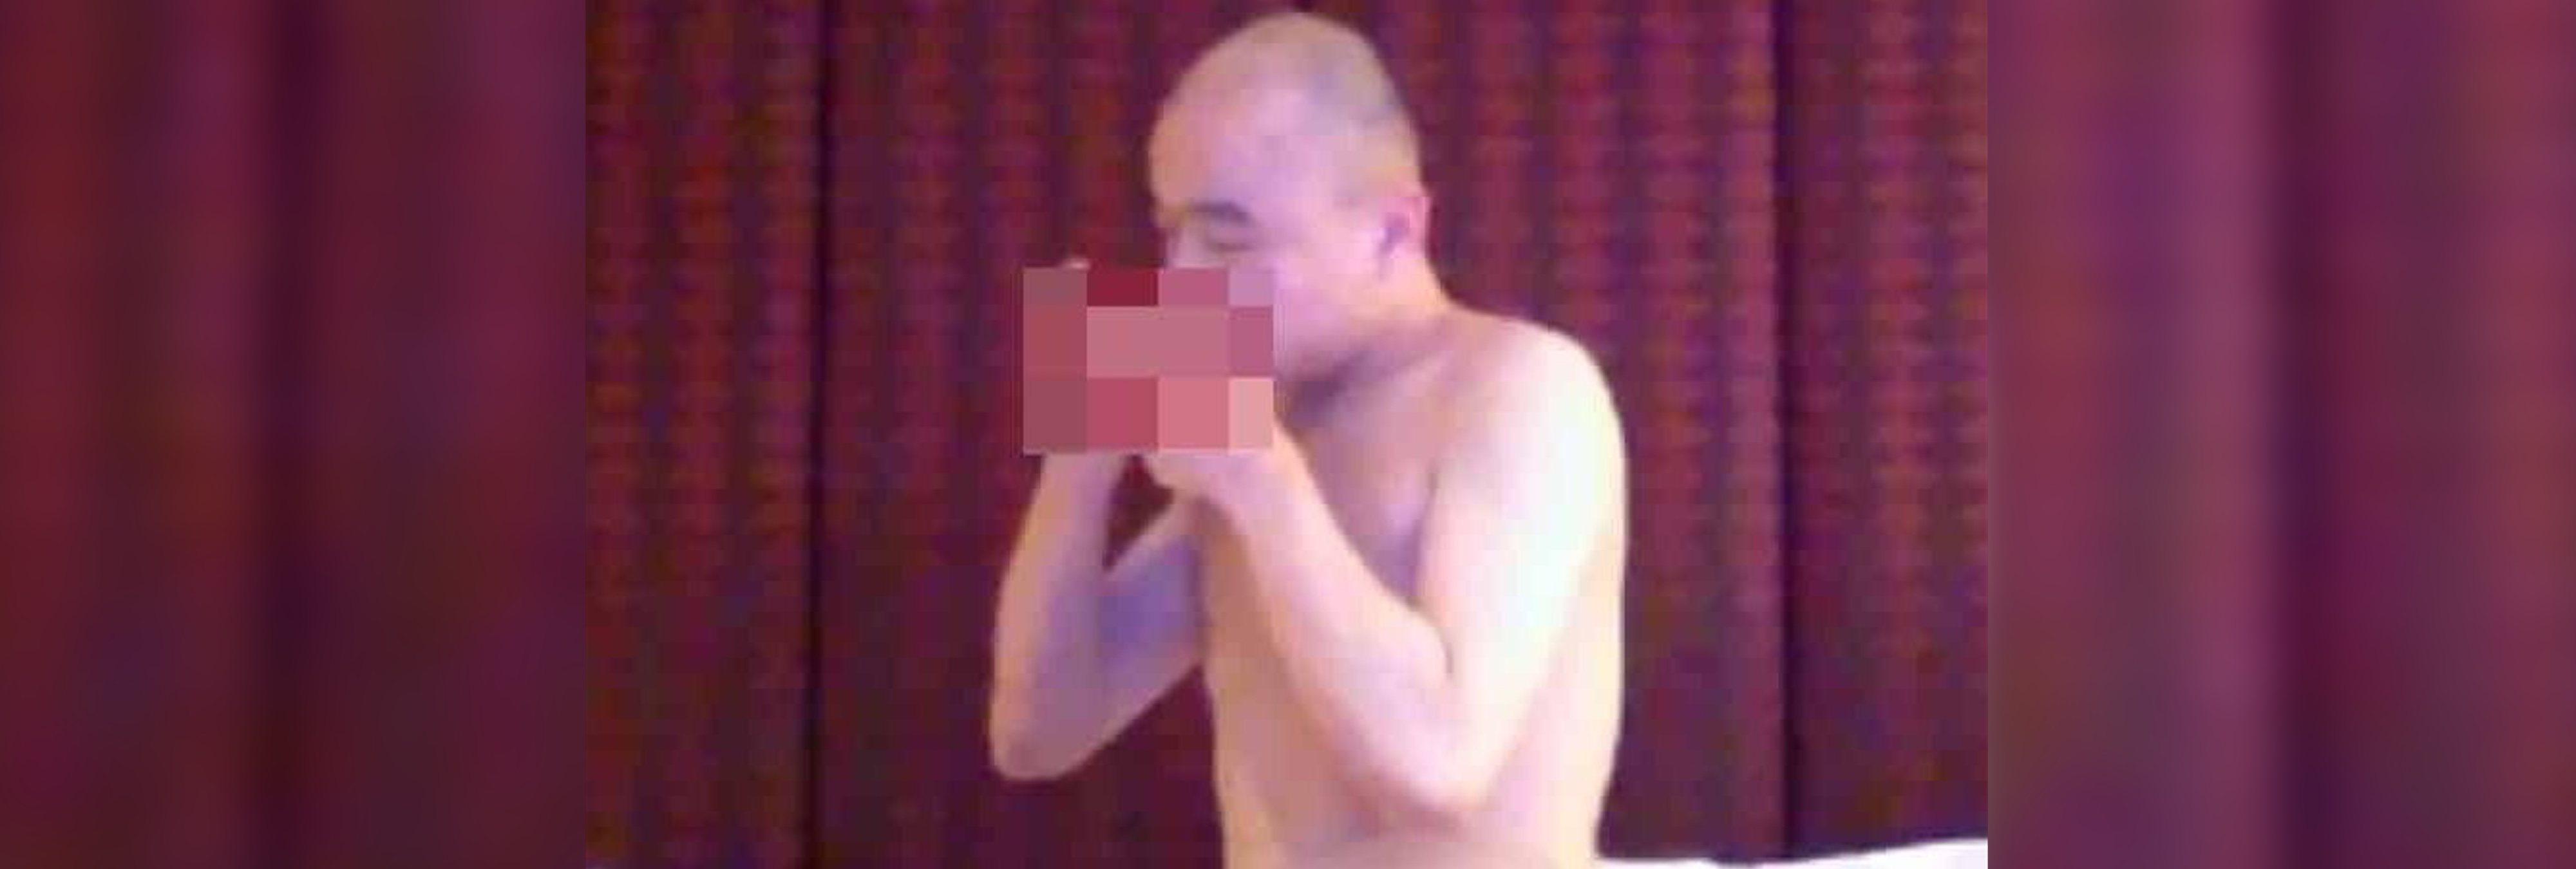 Pillan a un monje budista drogándose y teniendo sexo en pleno templo